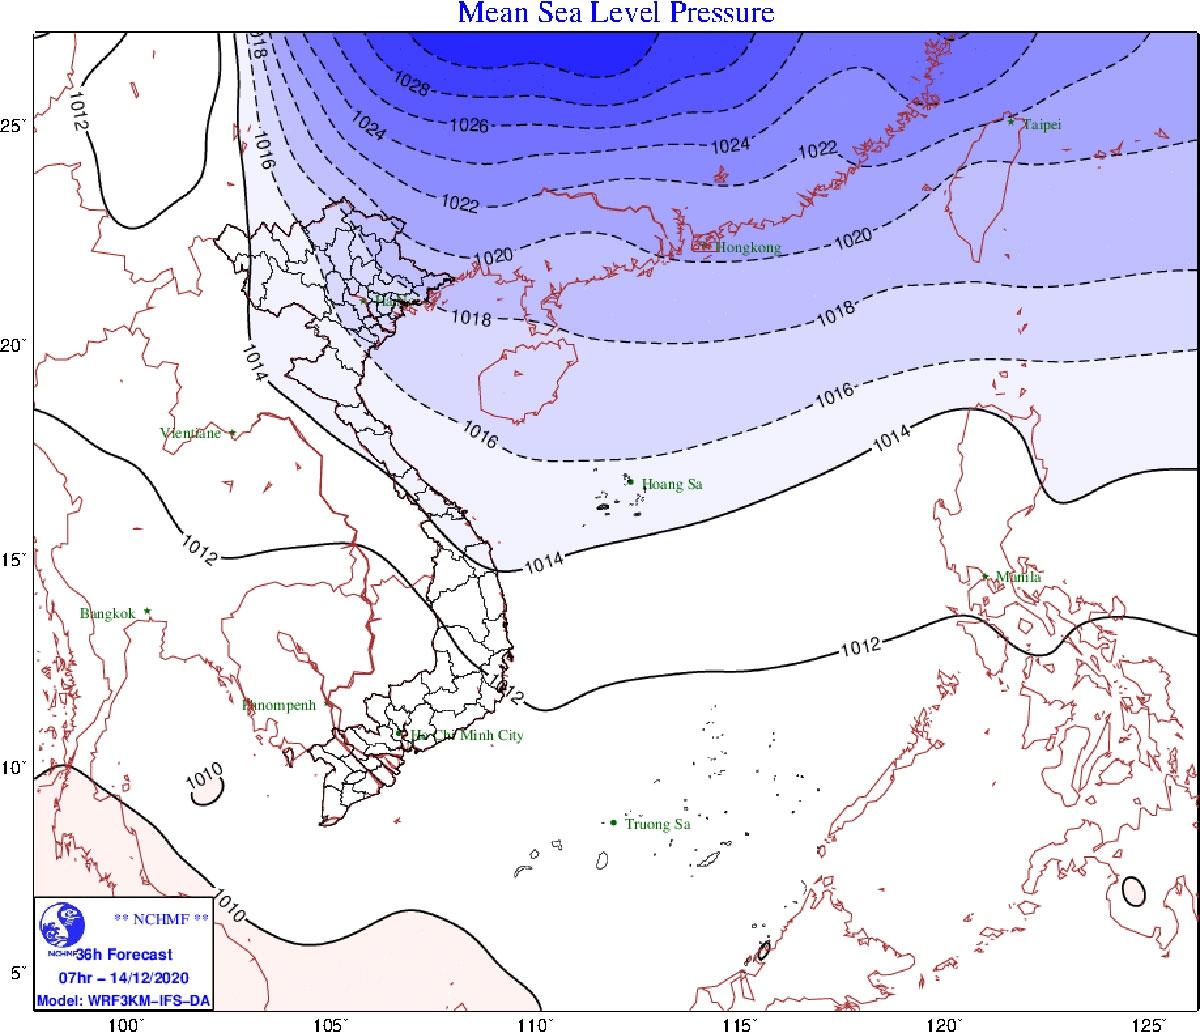 Bộ phận không khí lạnh sắp ảnh hưởng đến các tỉnh vùng núi Bắc Bộ.